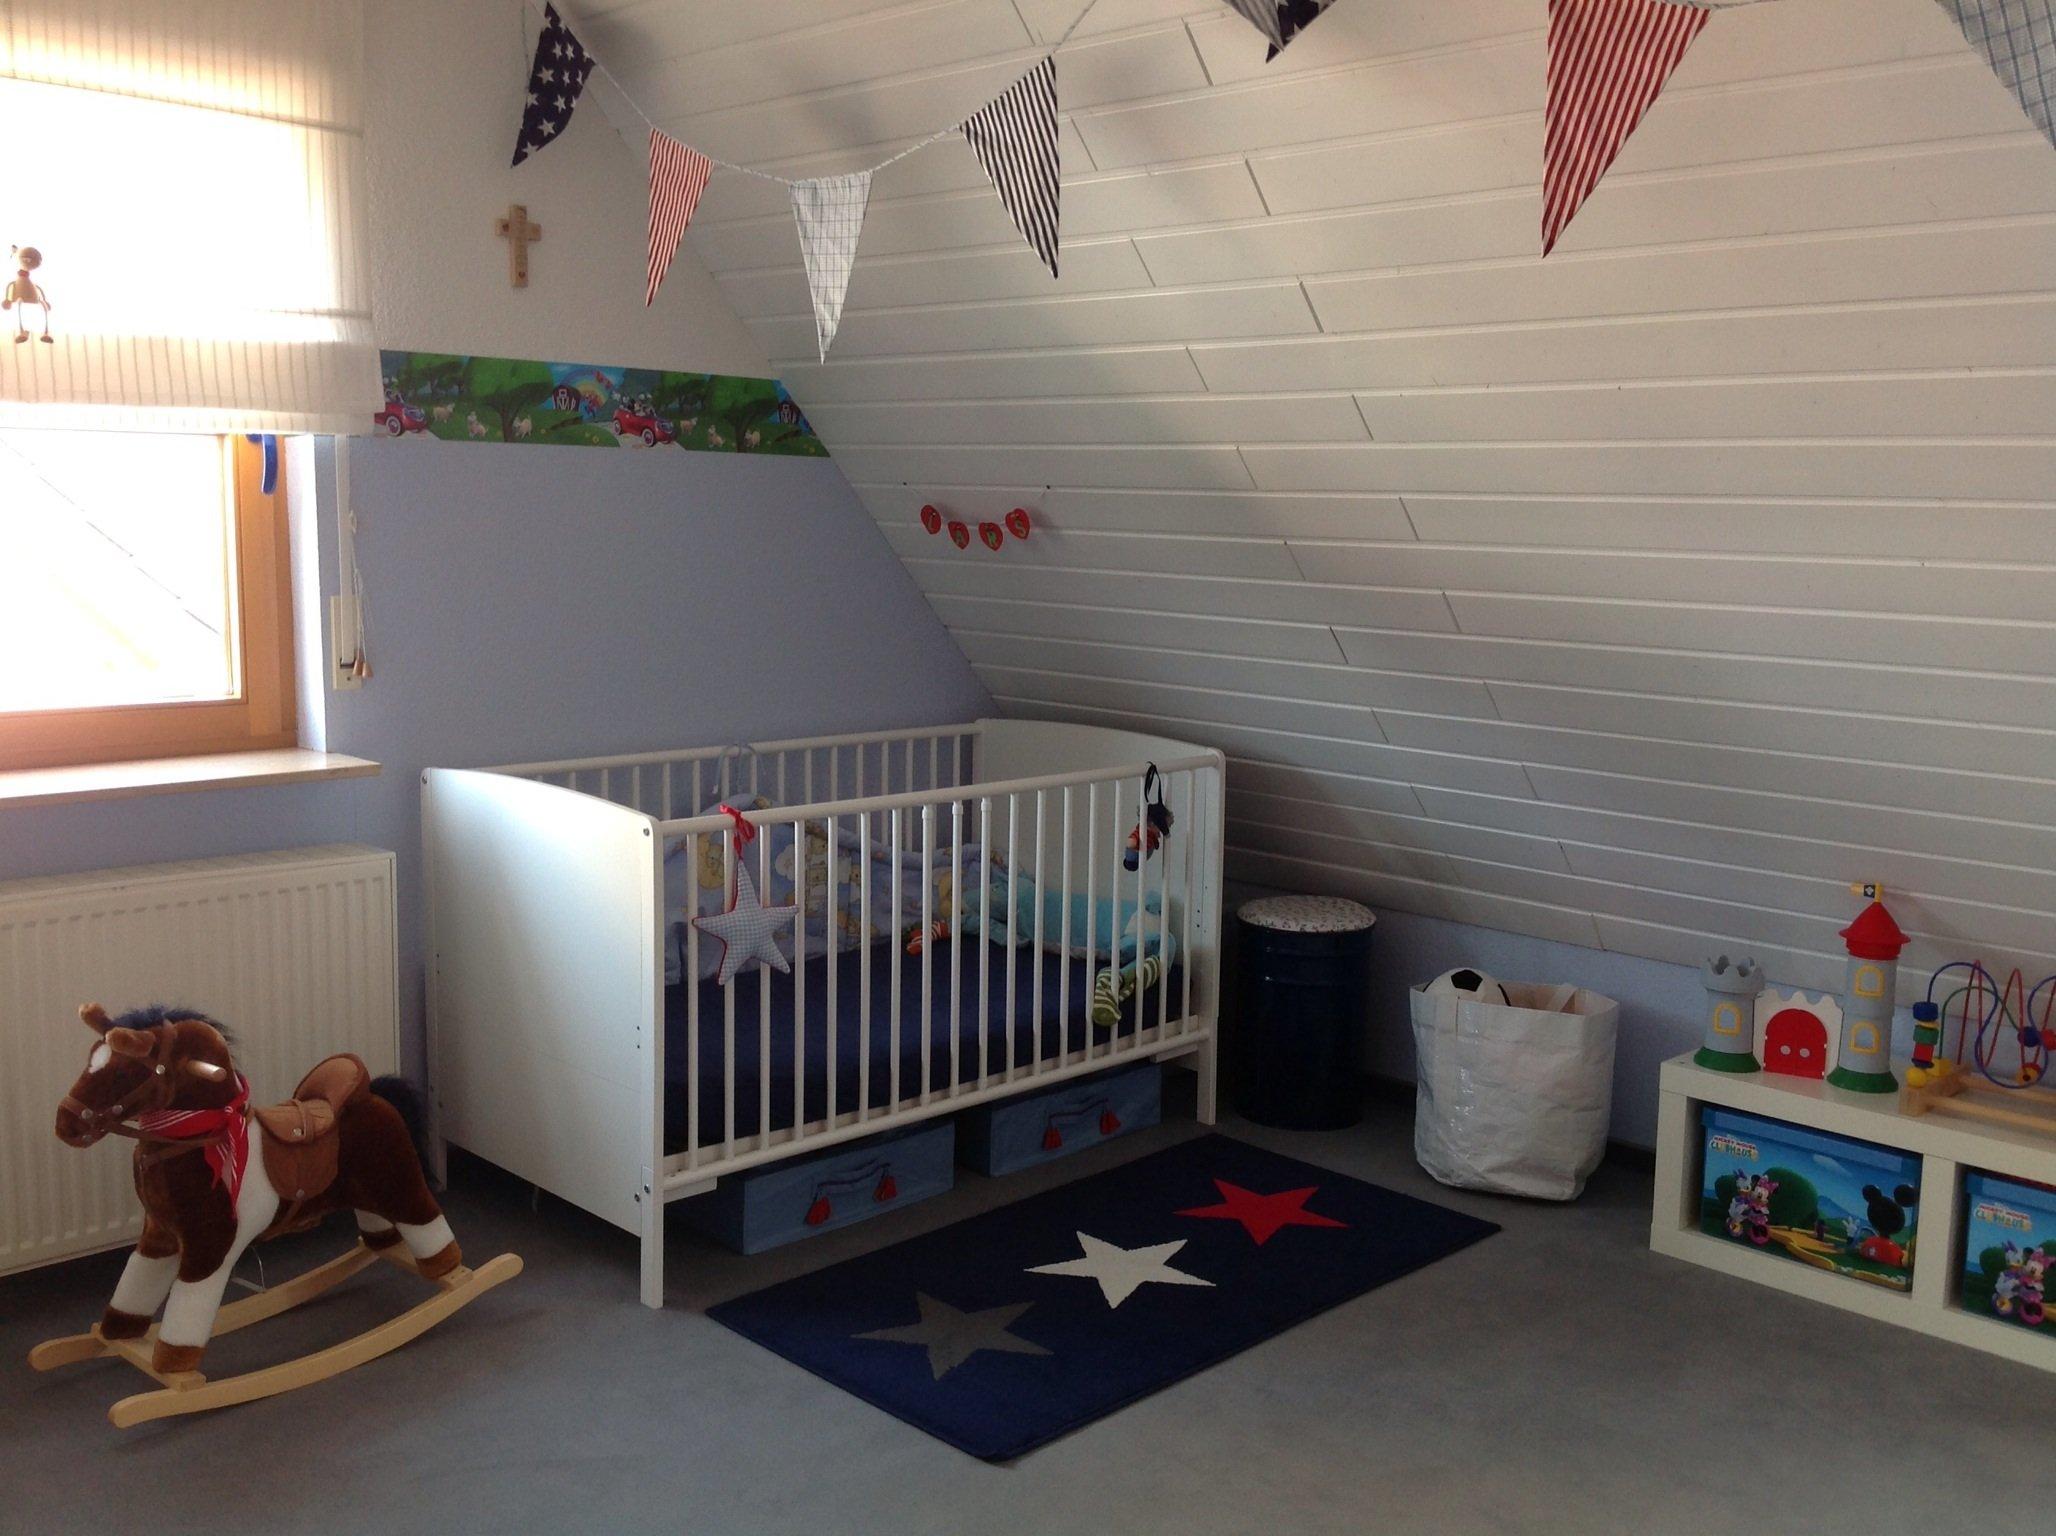 Kinderzimmer 'Kinderzimmer' - Unser Wohlfühlhaus - Zimmerschau